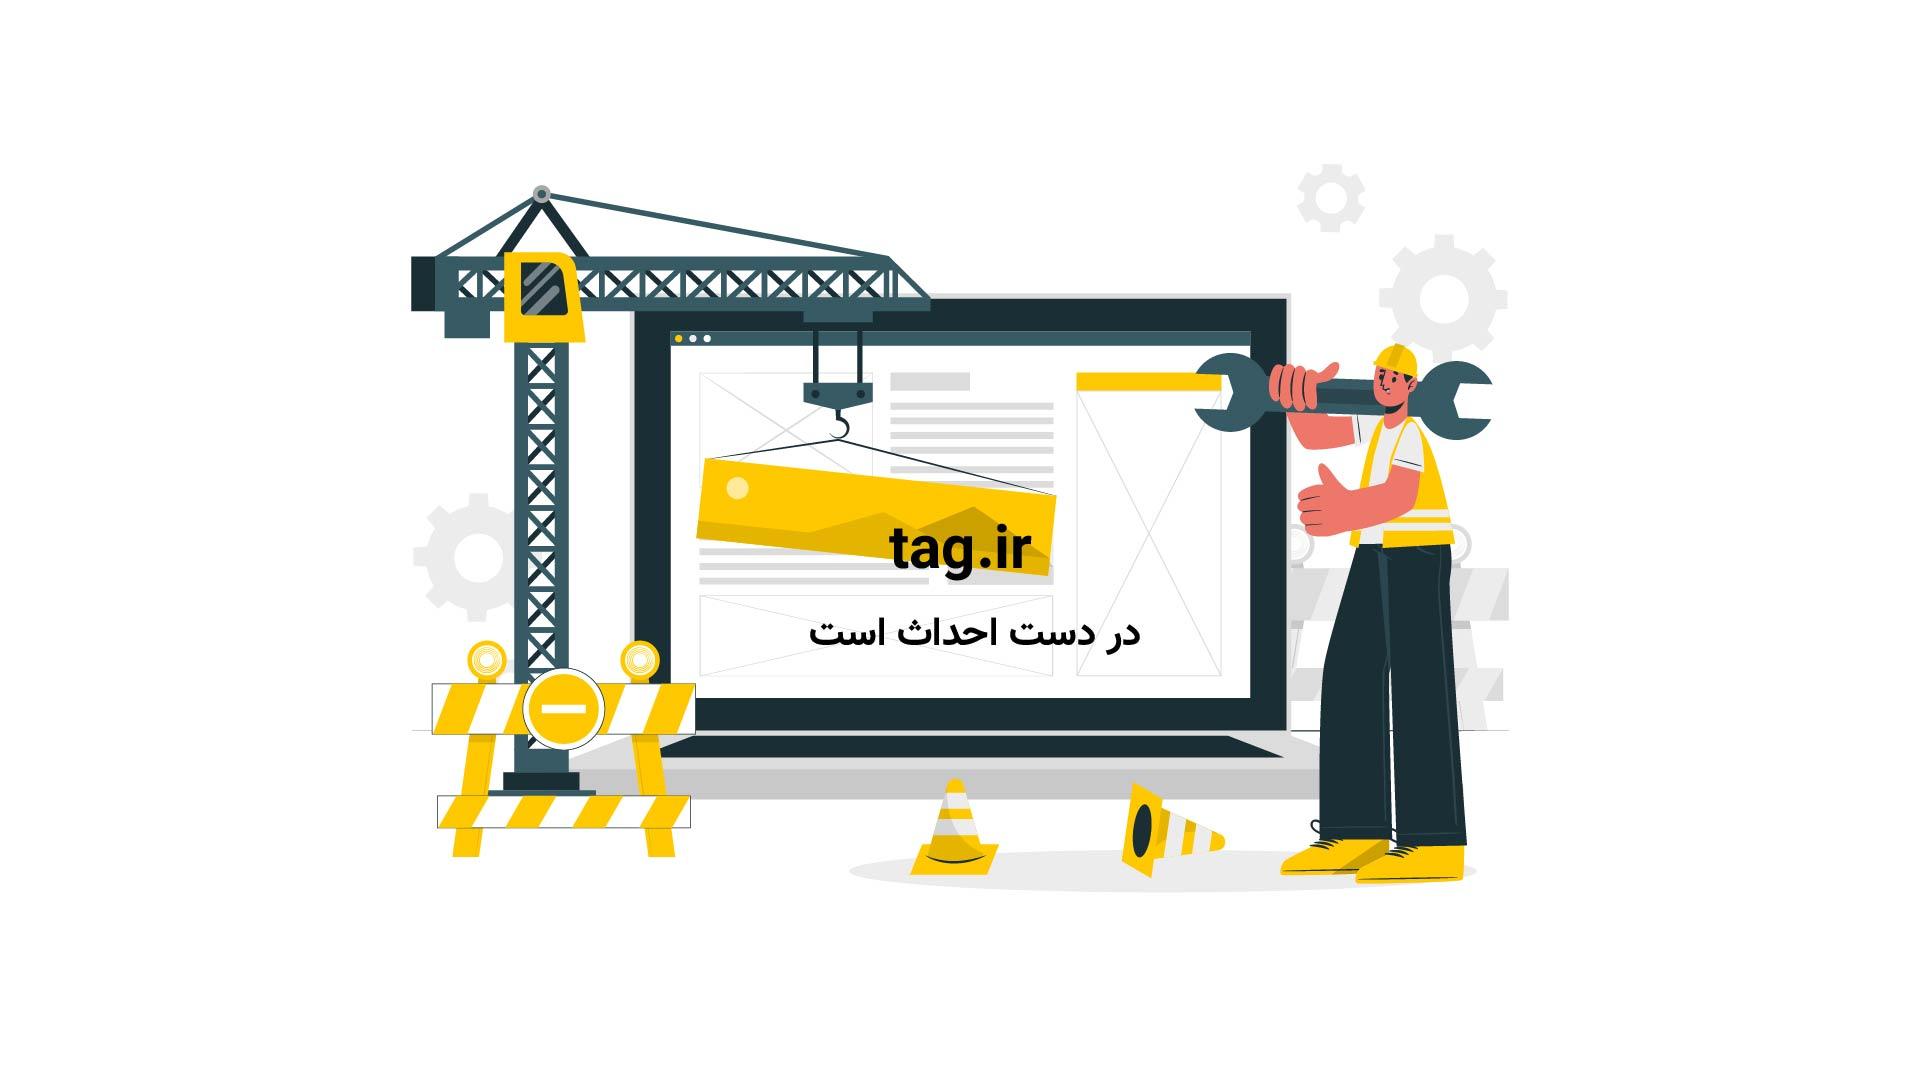 سوپ بروکلی | تگ